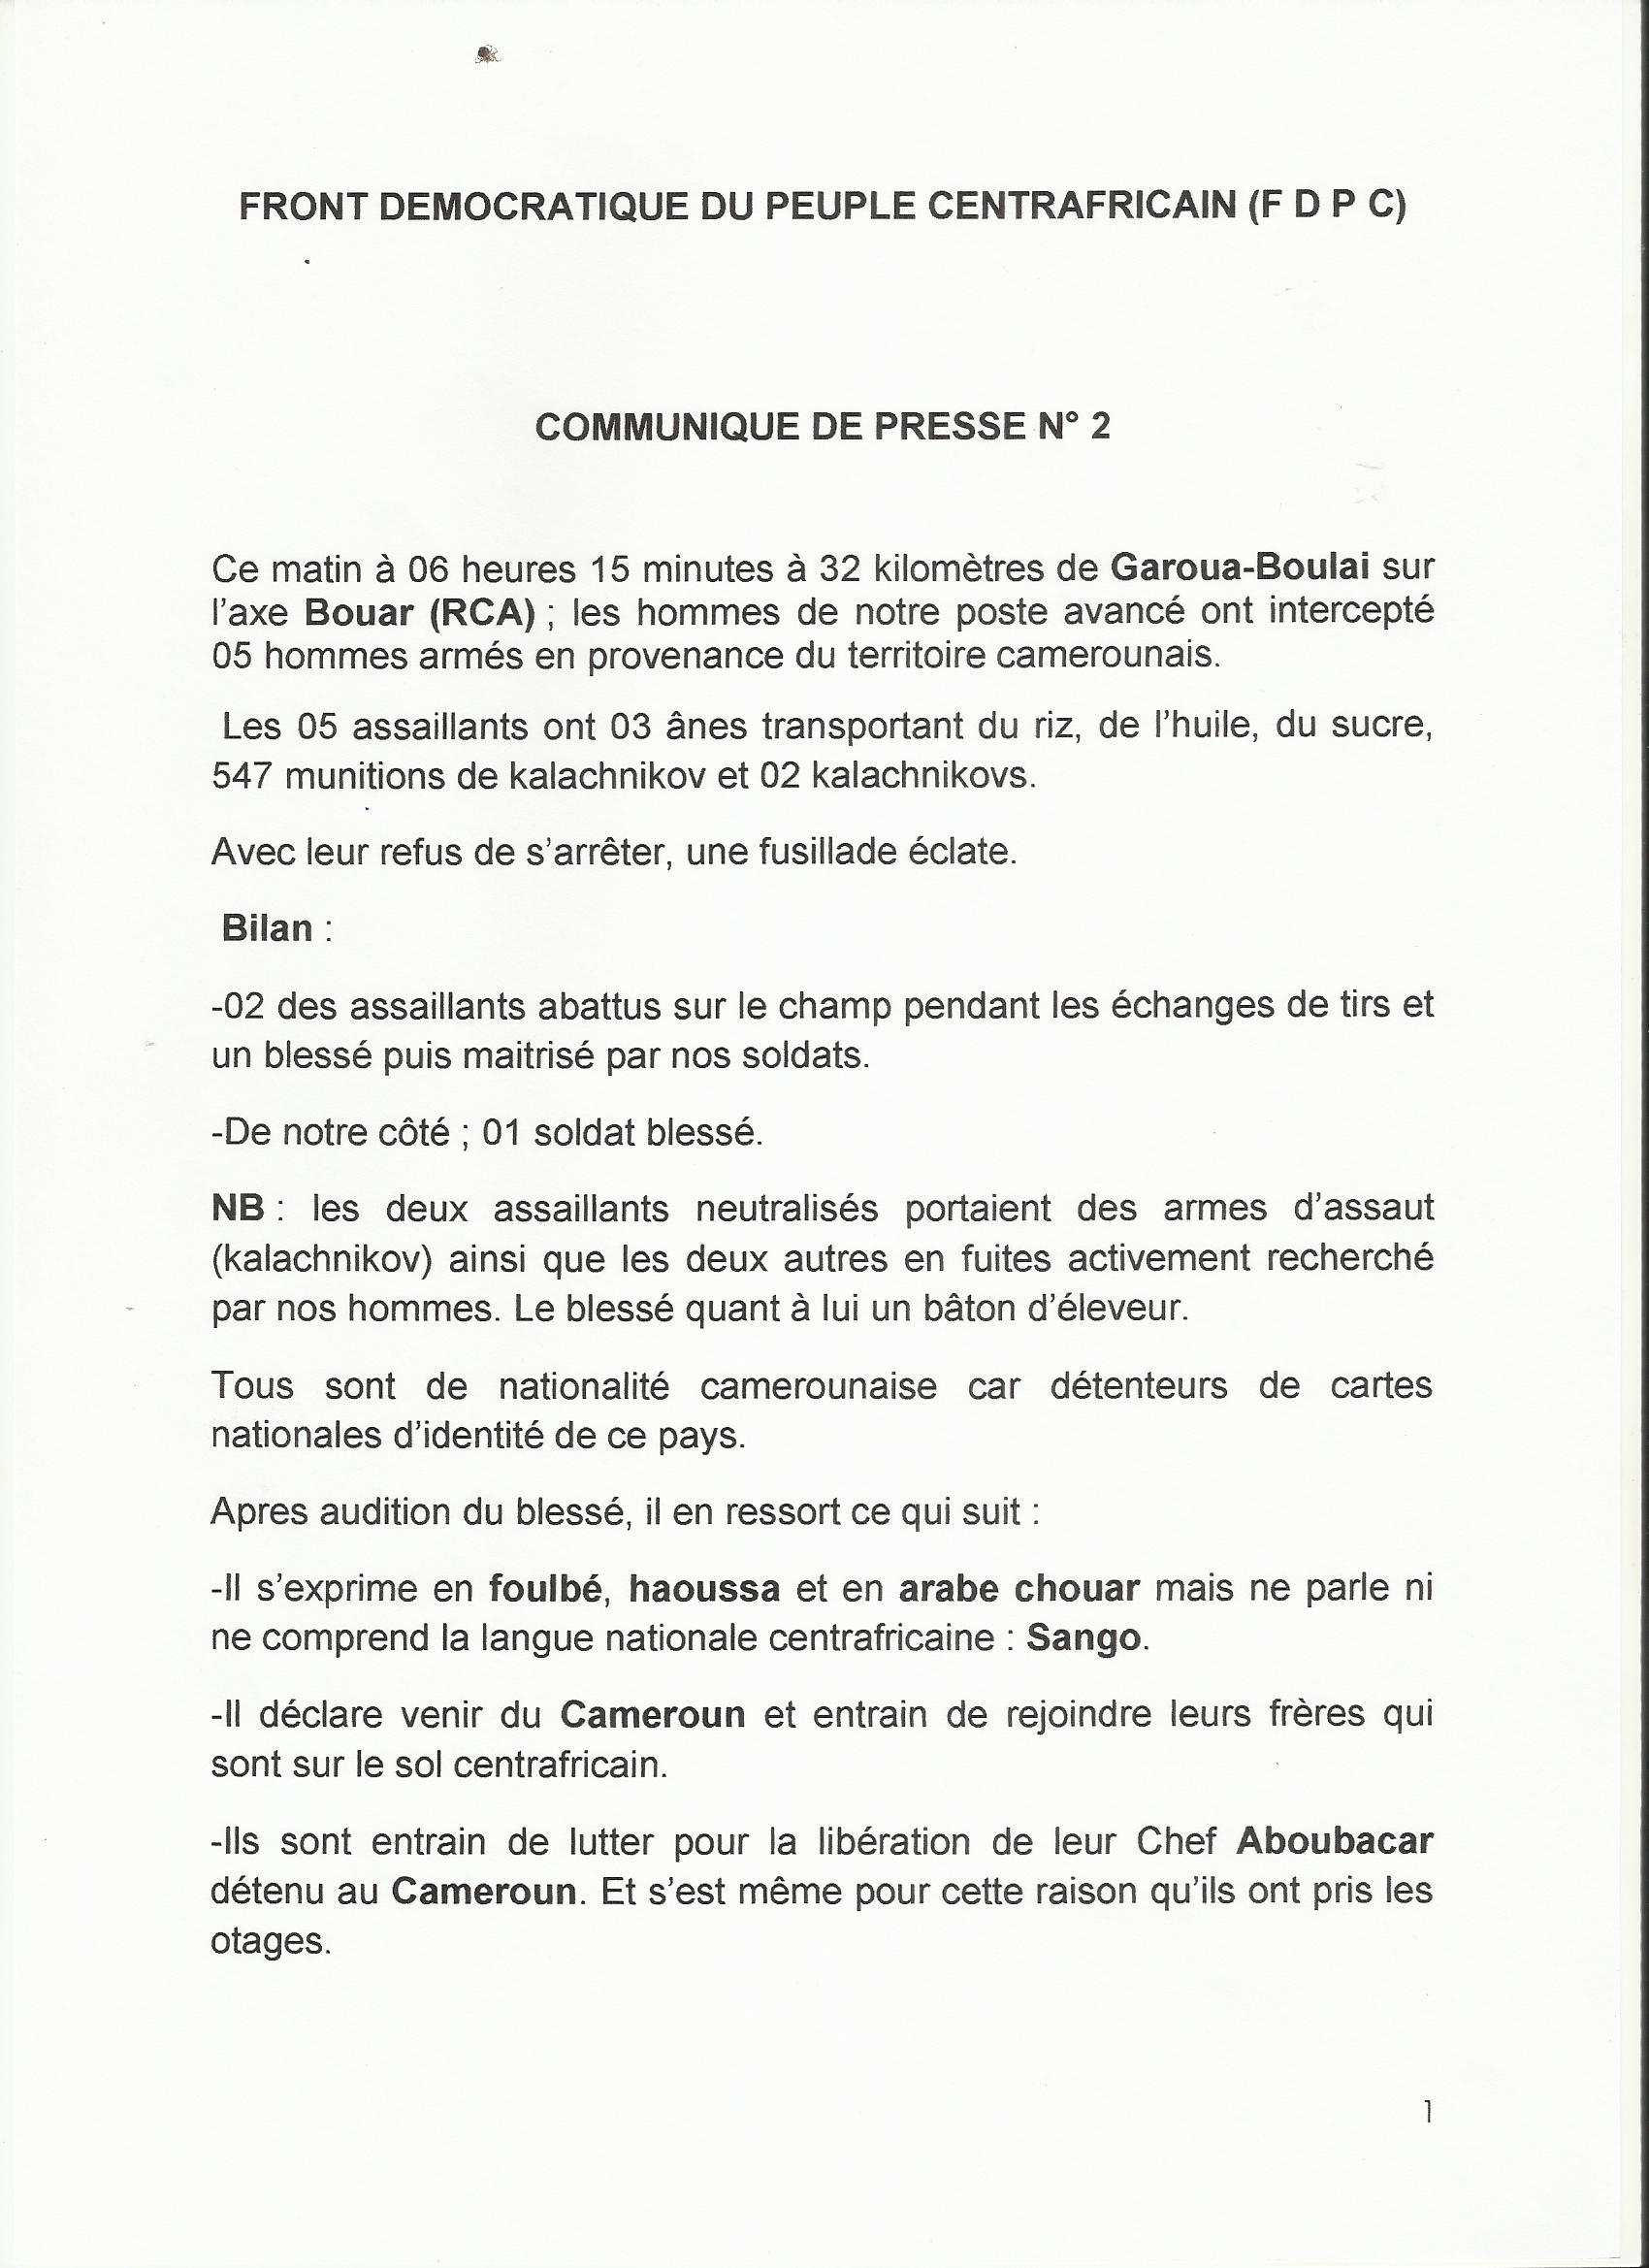 RCA : Fusillade entre combattants du FDPC et des hommes armés